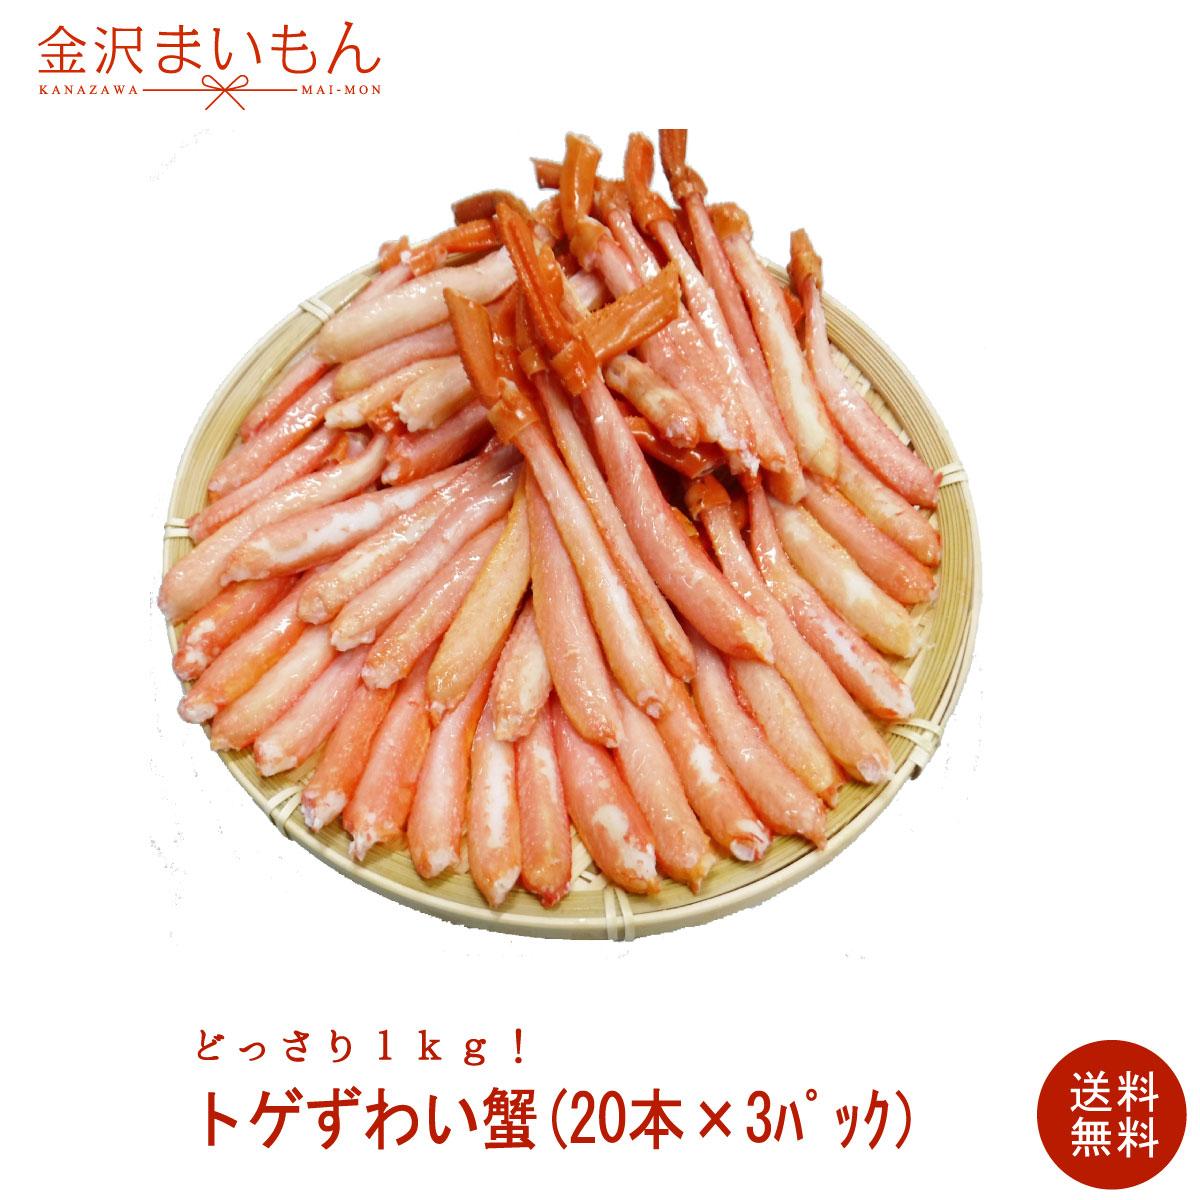 トゲずわい蟹 1kg 20本×3パック ボイル済とげずわいがに トゲズワイ 送料無料